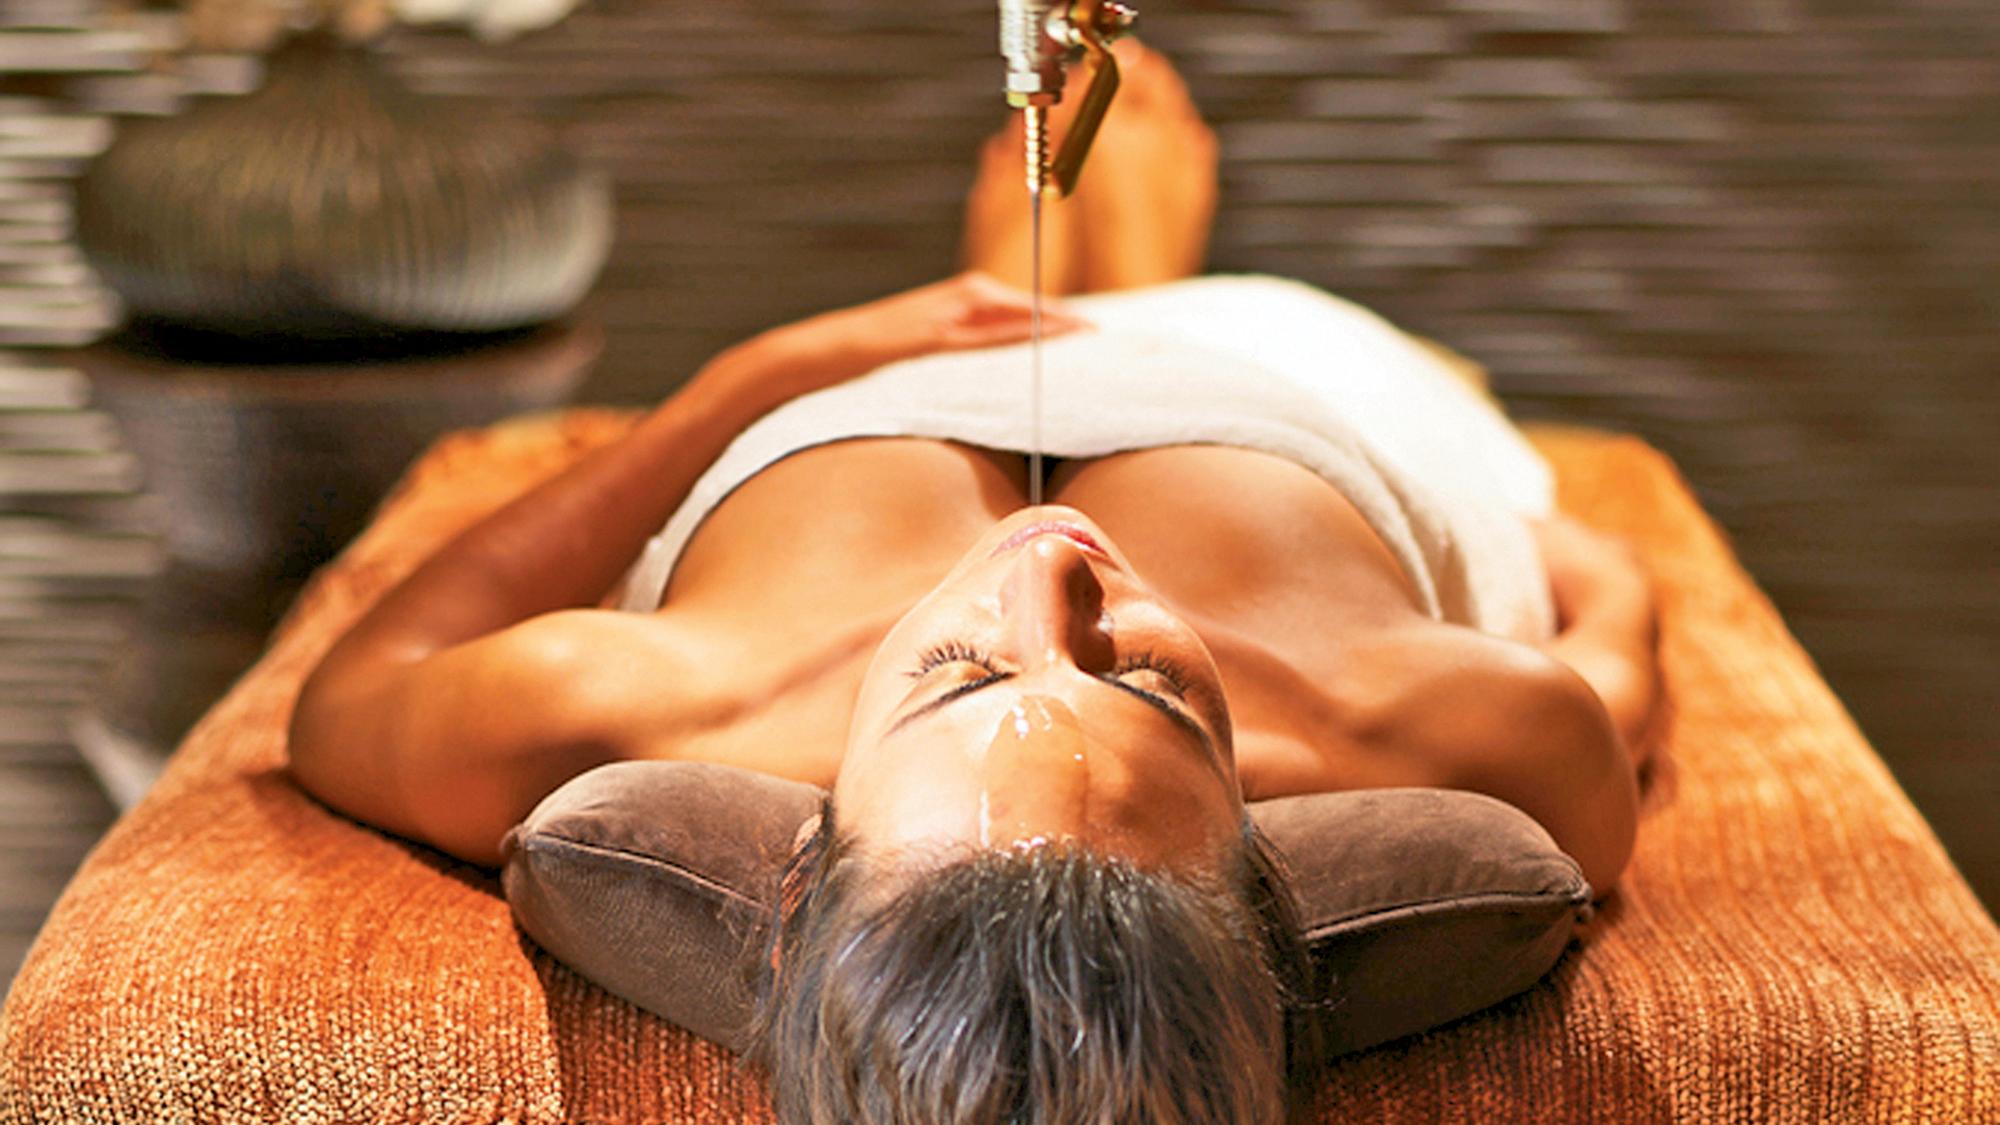 olie massage københavn gfe